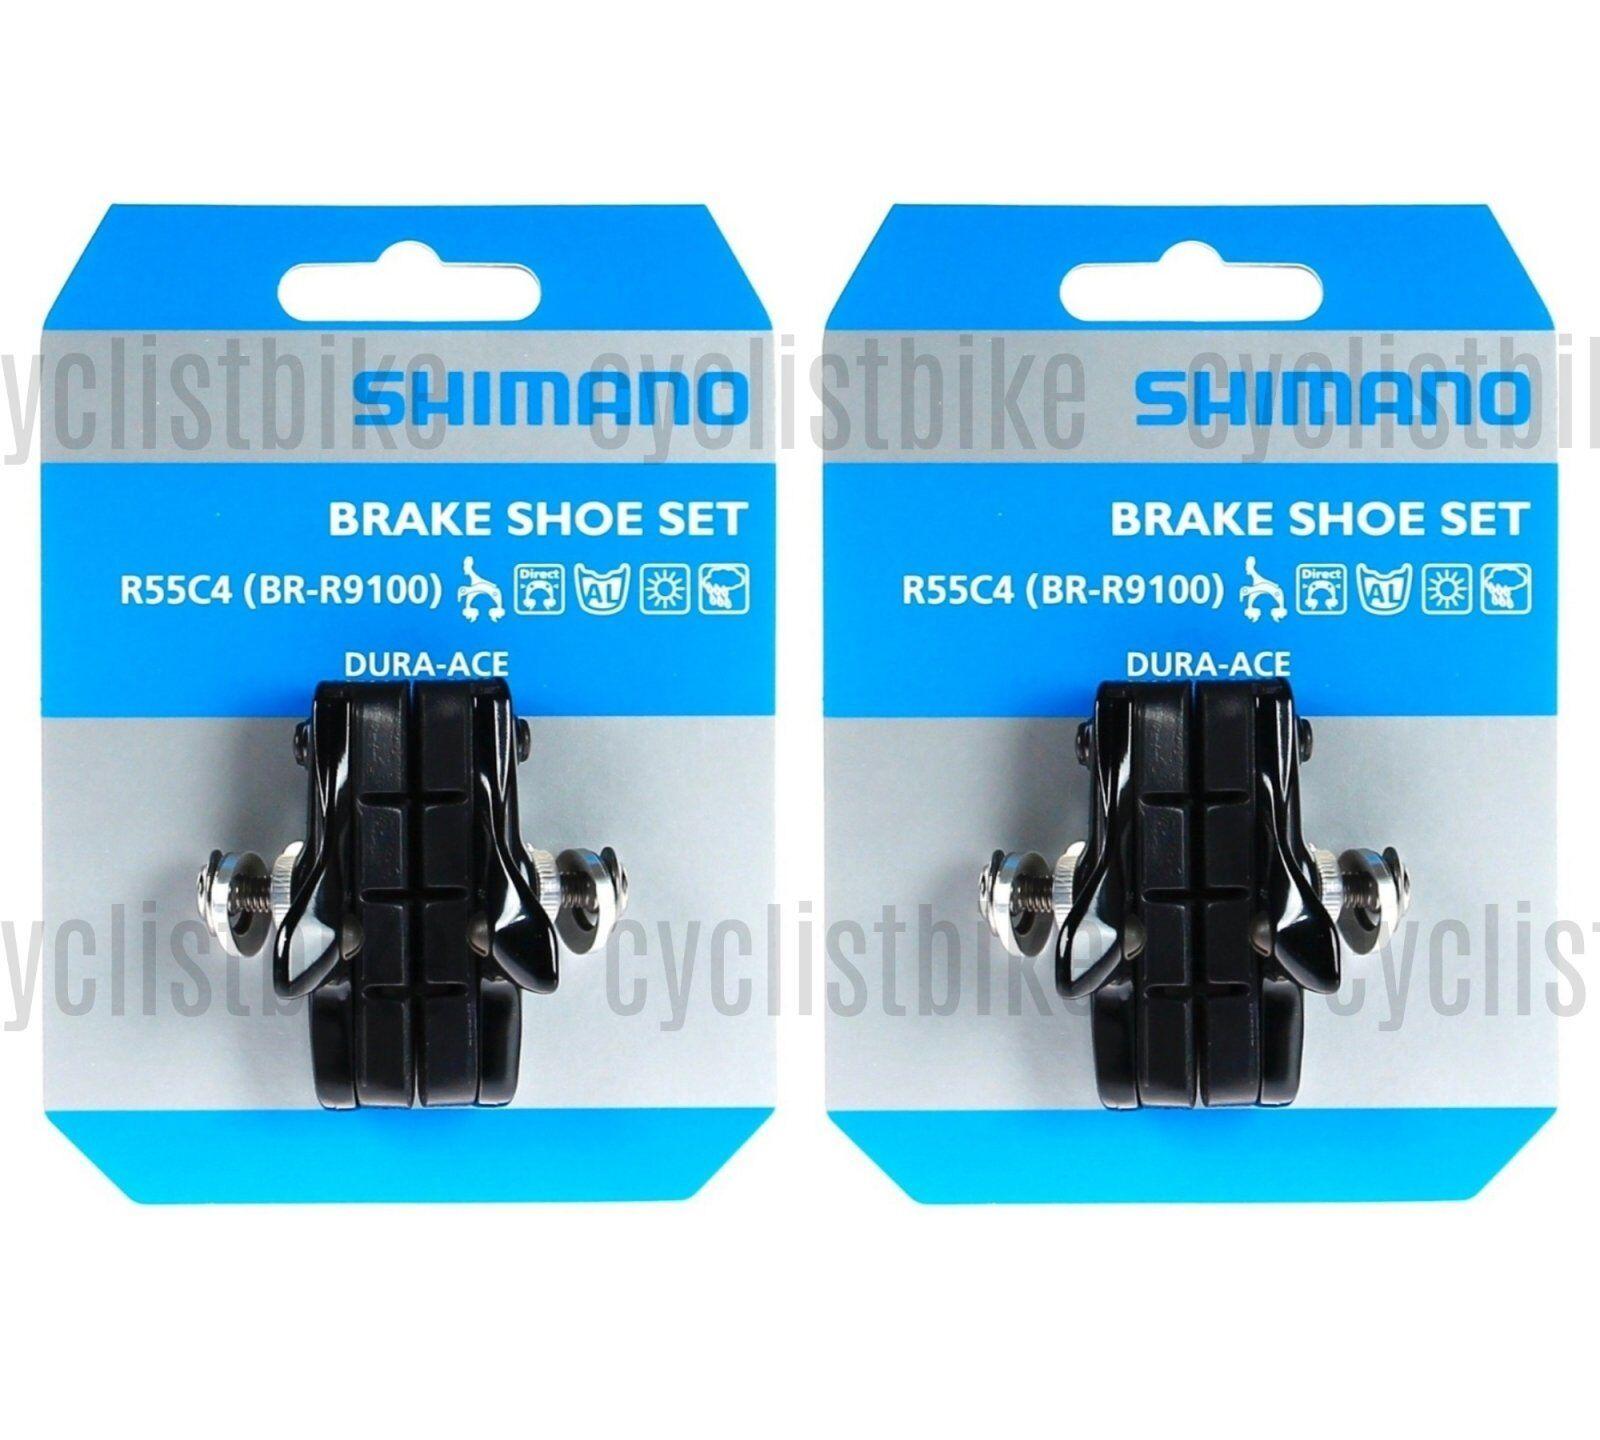 Shimano Dura-Ace Cartucho BR-9000 9100 R55C4 Cartucho Zapatas De Frenos